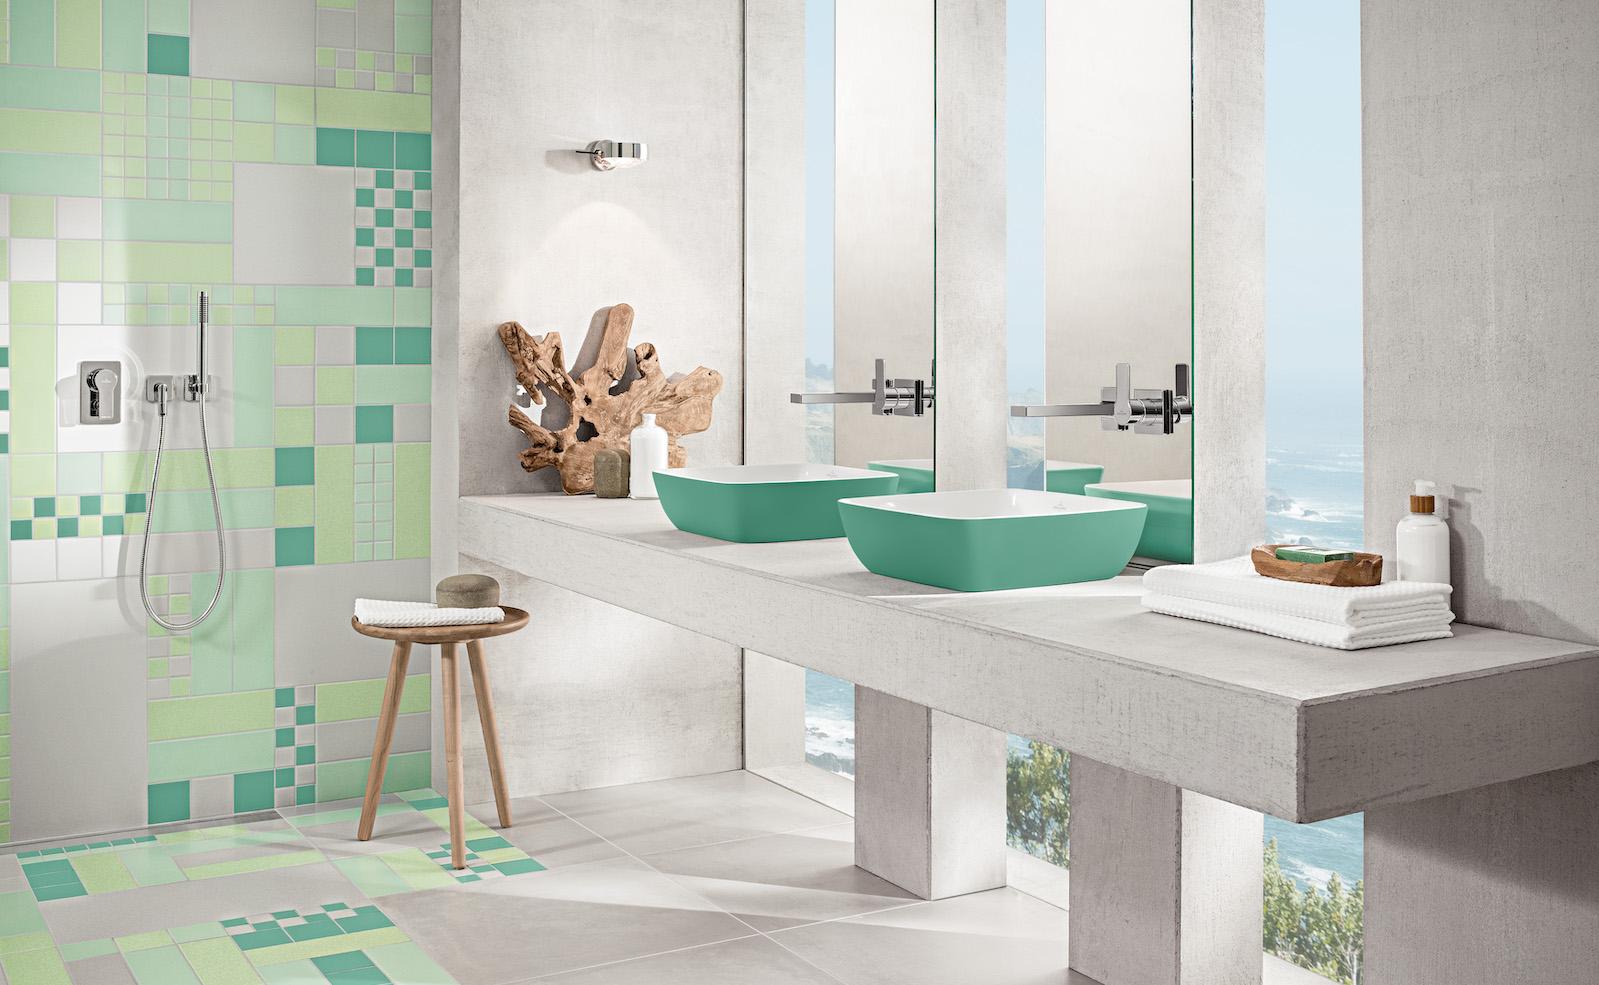 Badezimmer Kosten Wie viel kostet ein neues Bad – Badratgeber.com